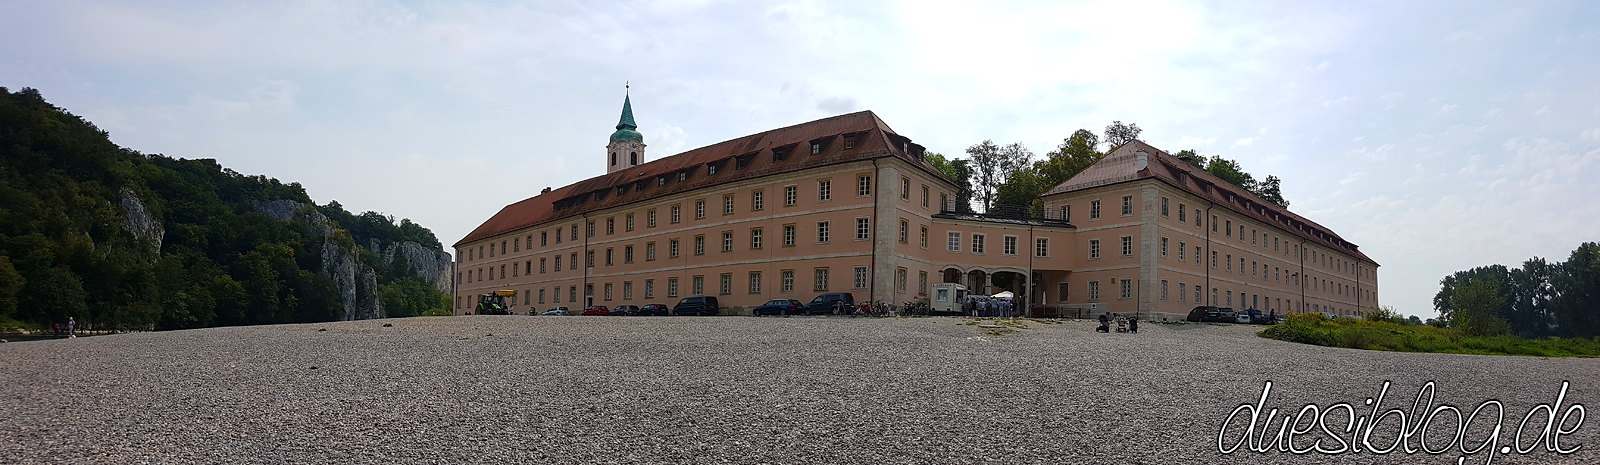 Kloster Weltenburg duesiblog 07